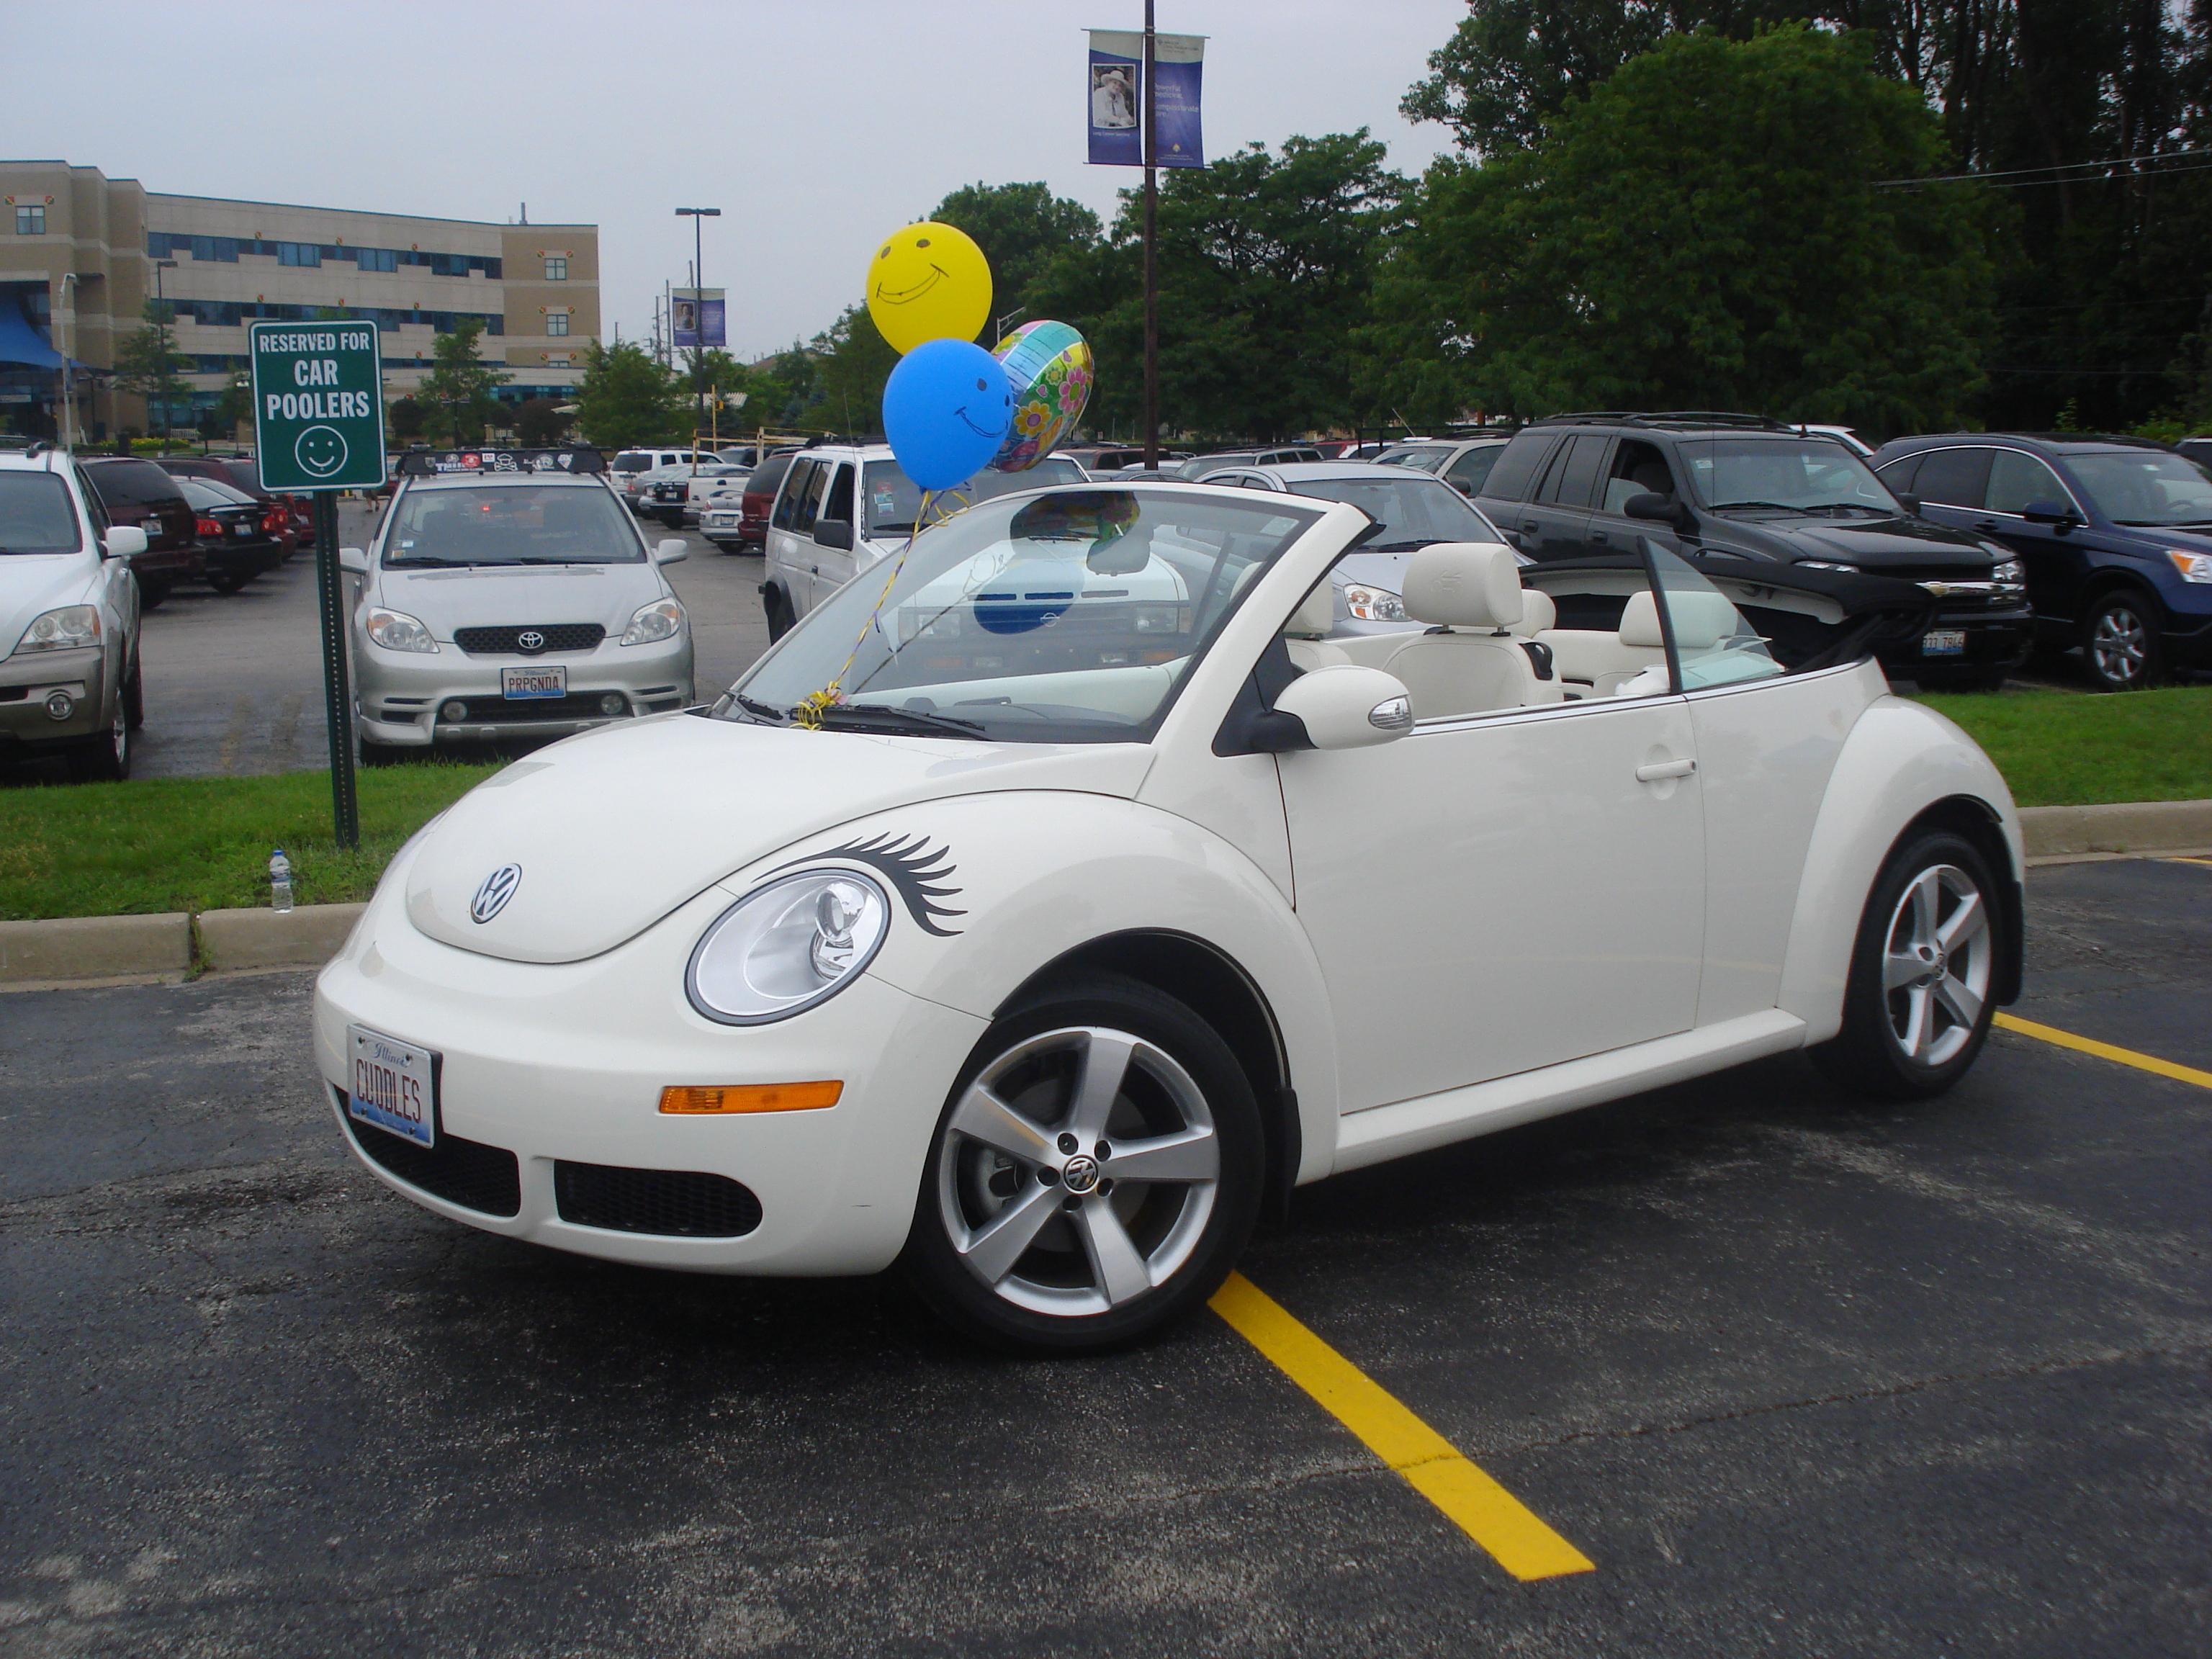 car volkswagen pin tonka naperville beetle